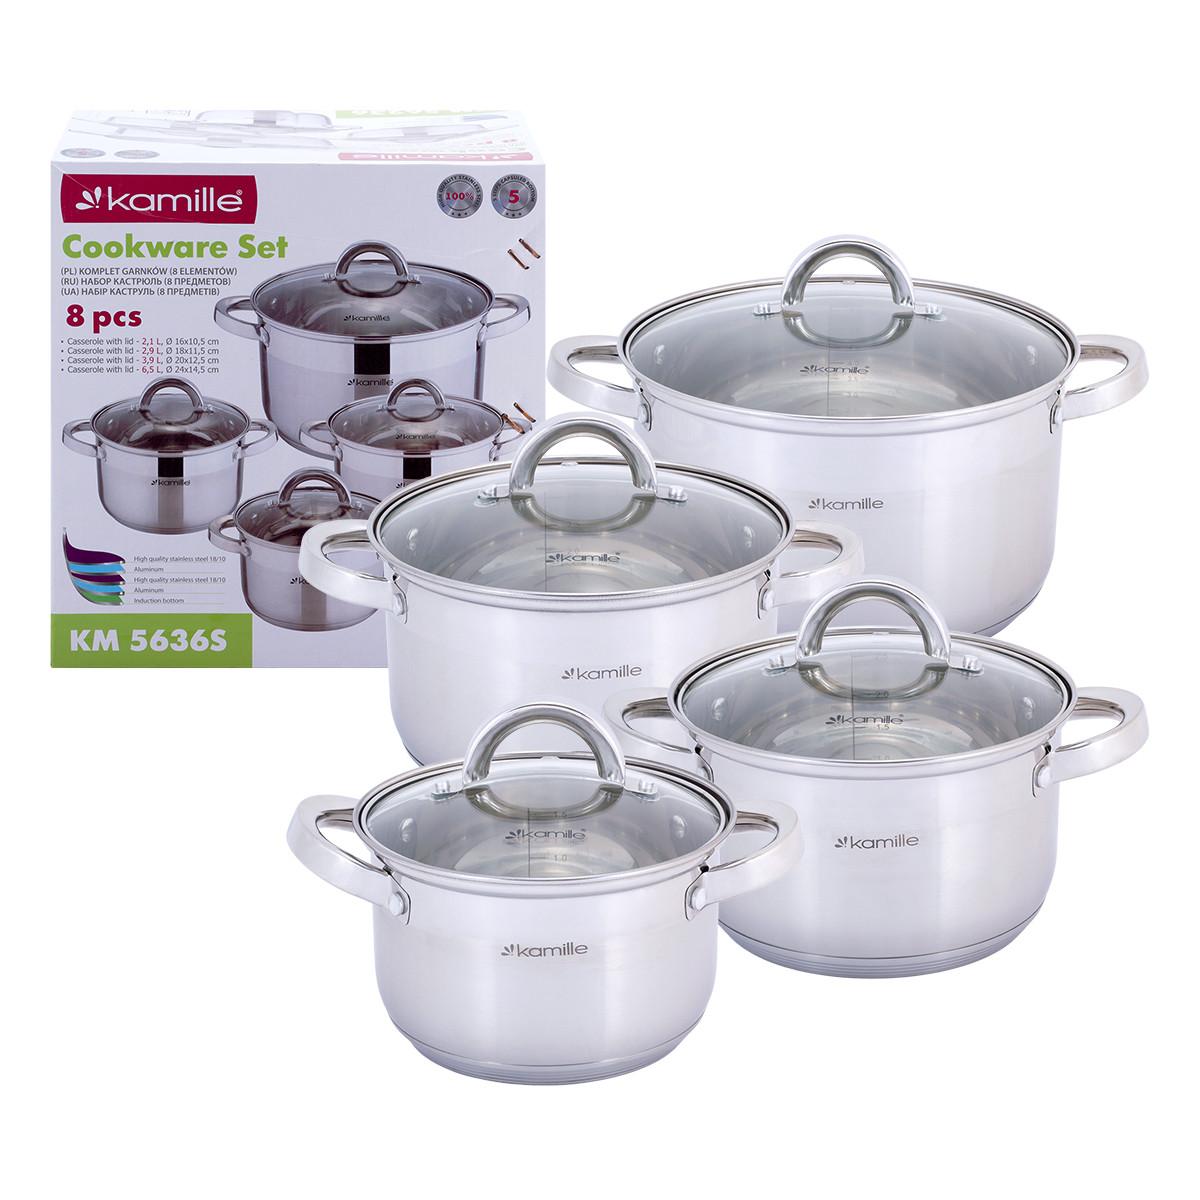 Набор кастрюль Kamille 8 предметов из нержавеющей стали посуда для приготовления пищи KM-5636S